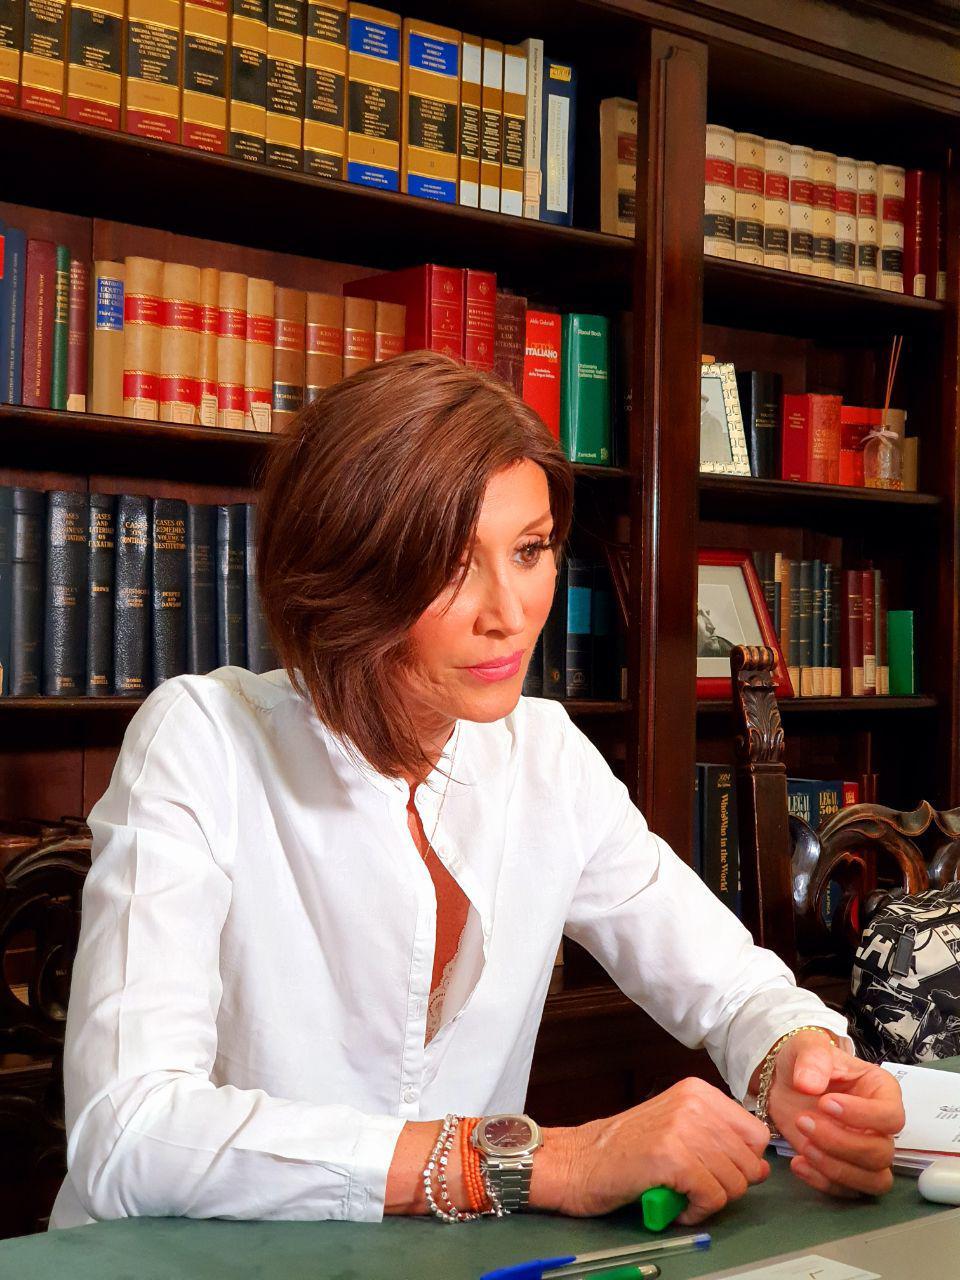 Bernini: conte autocritica